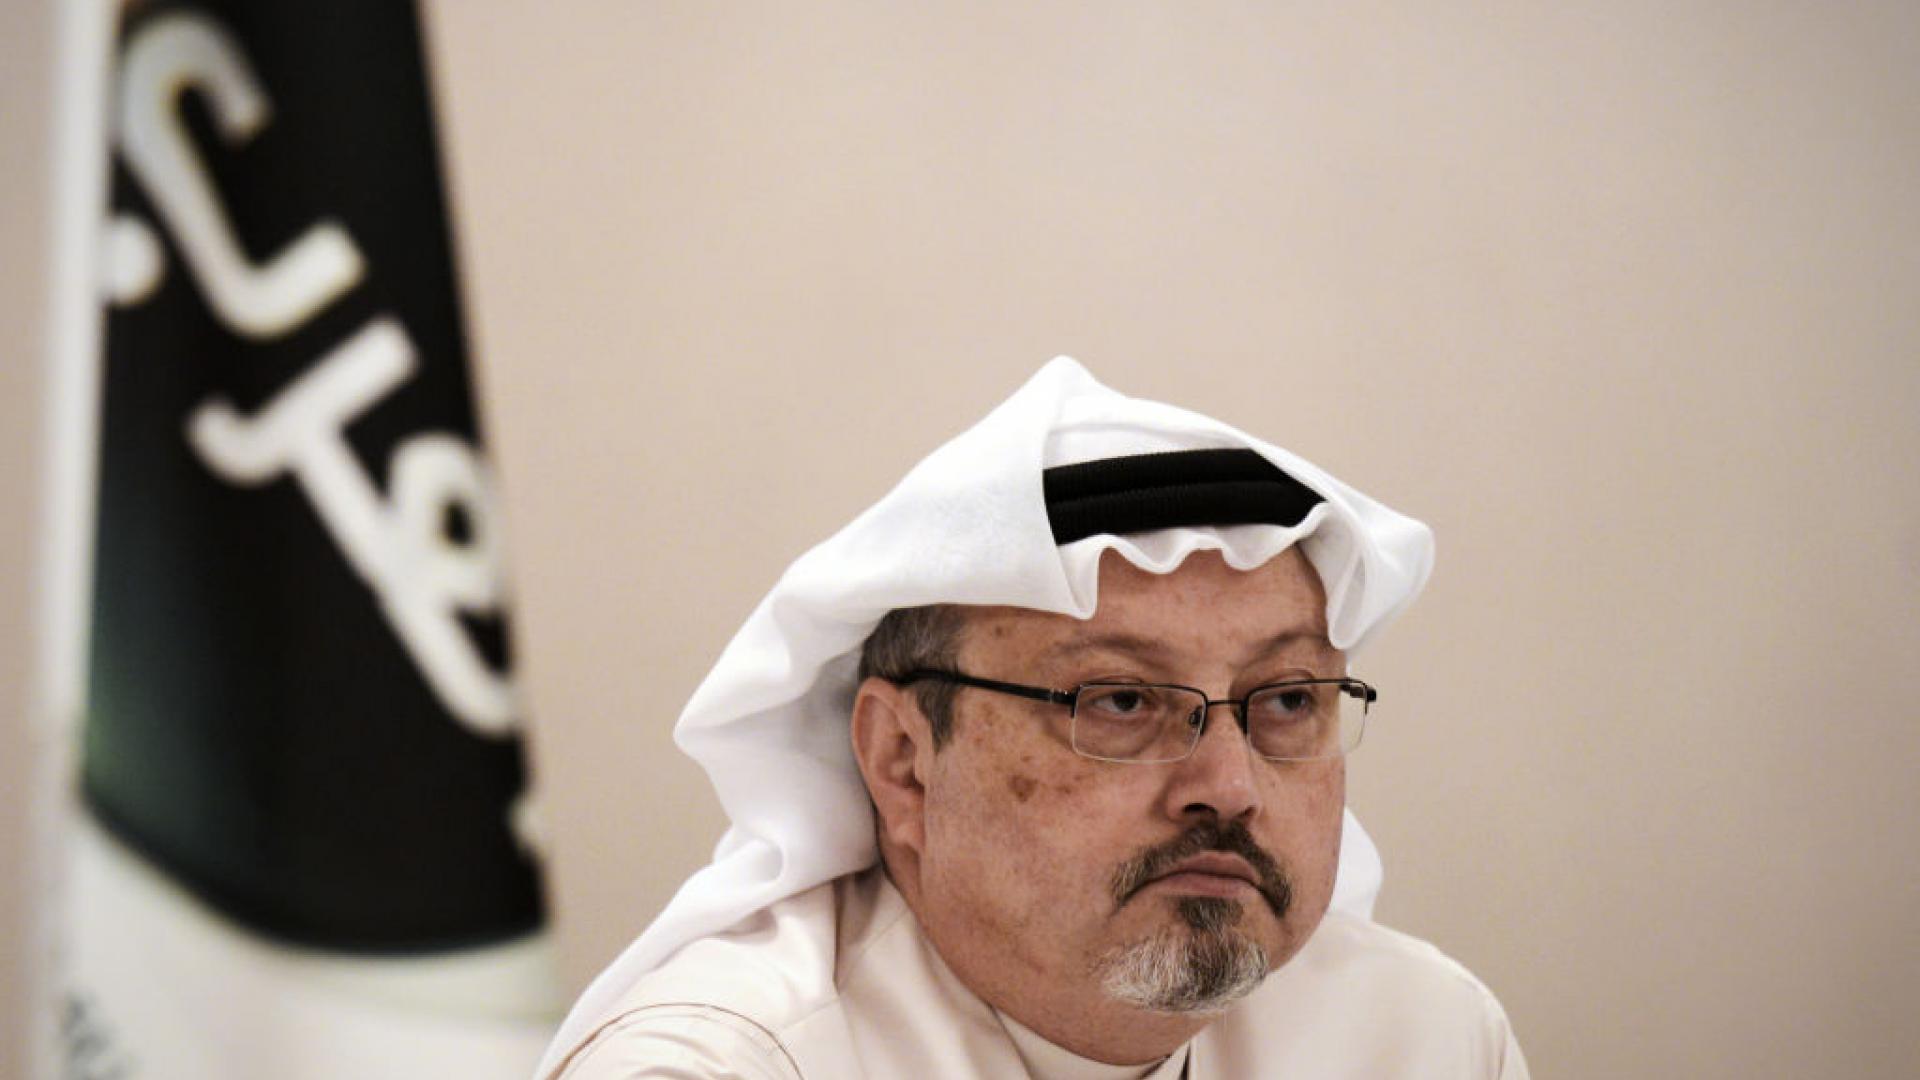 أول تعليق لحسن منهاج على سحب نتفليكس حلقة عن مقتل خاشقجي بالسعودية